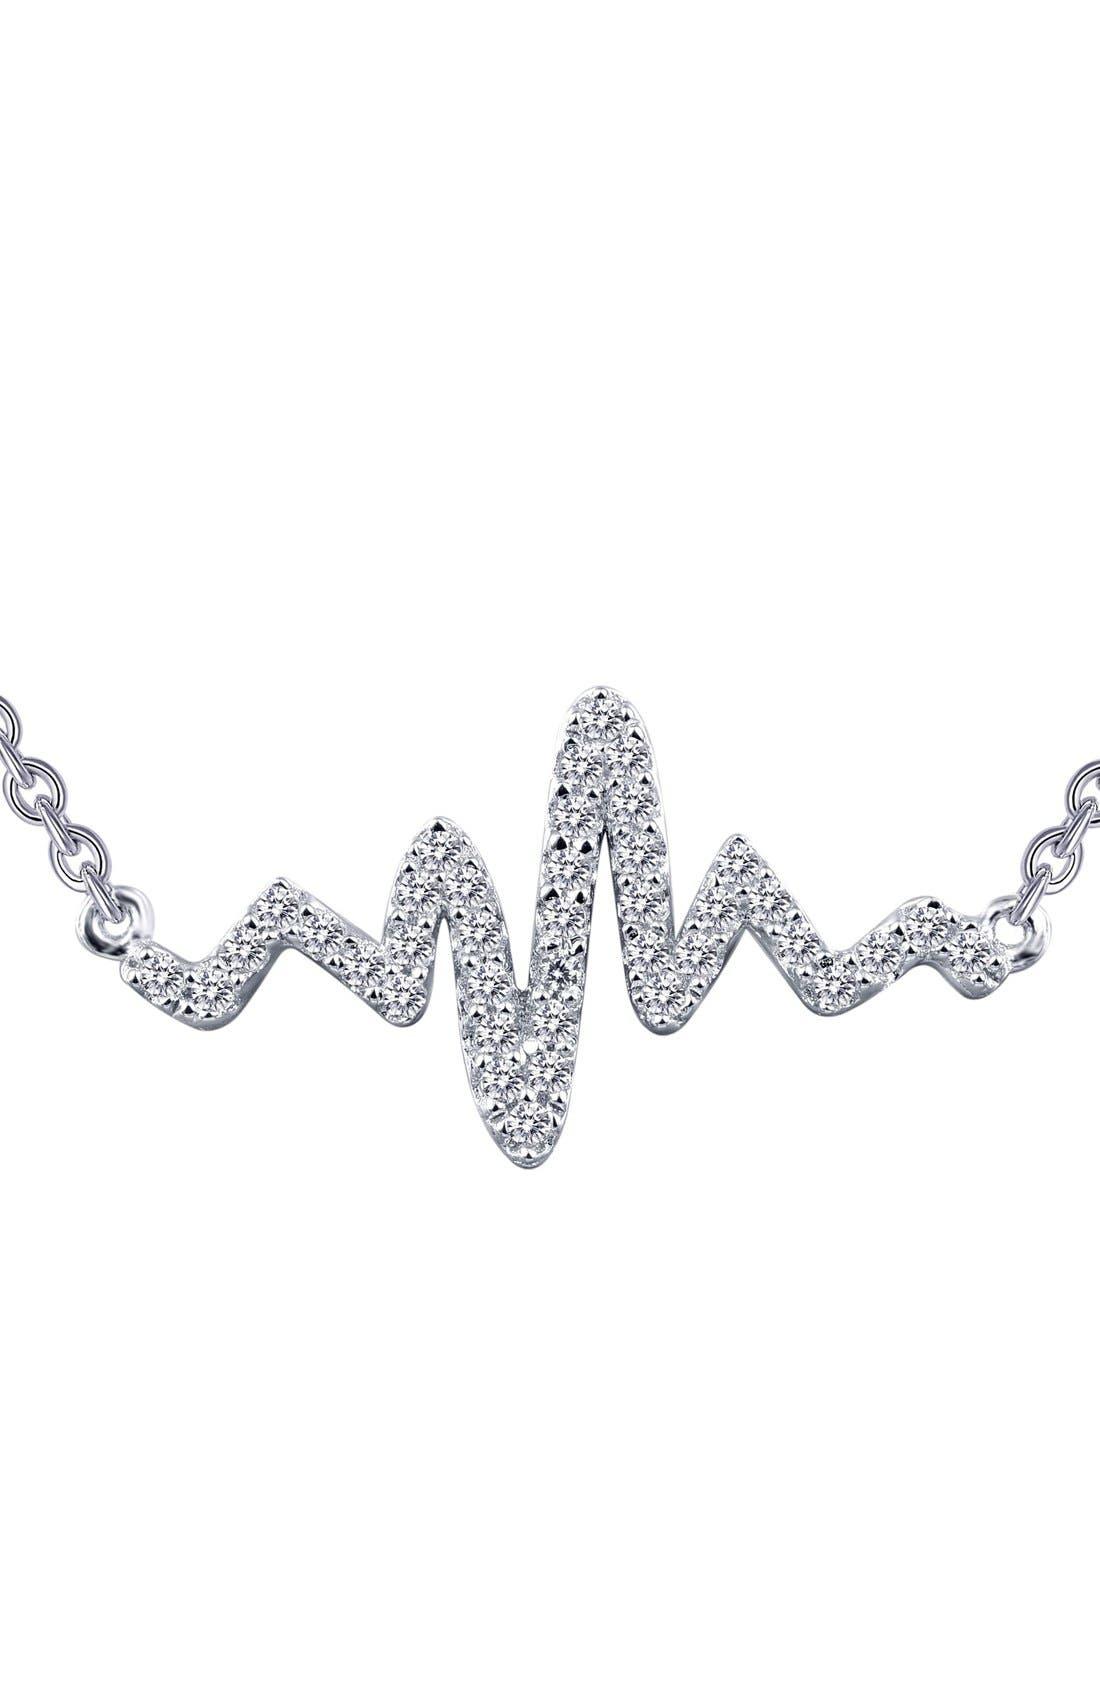 'Lassaire' Heartbeat Pendant Necklace,                             Main thumbnail 1, color,                             SILVER